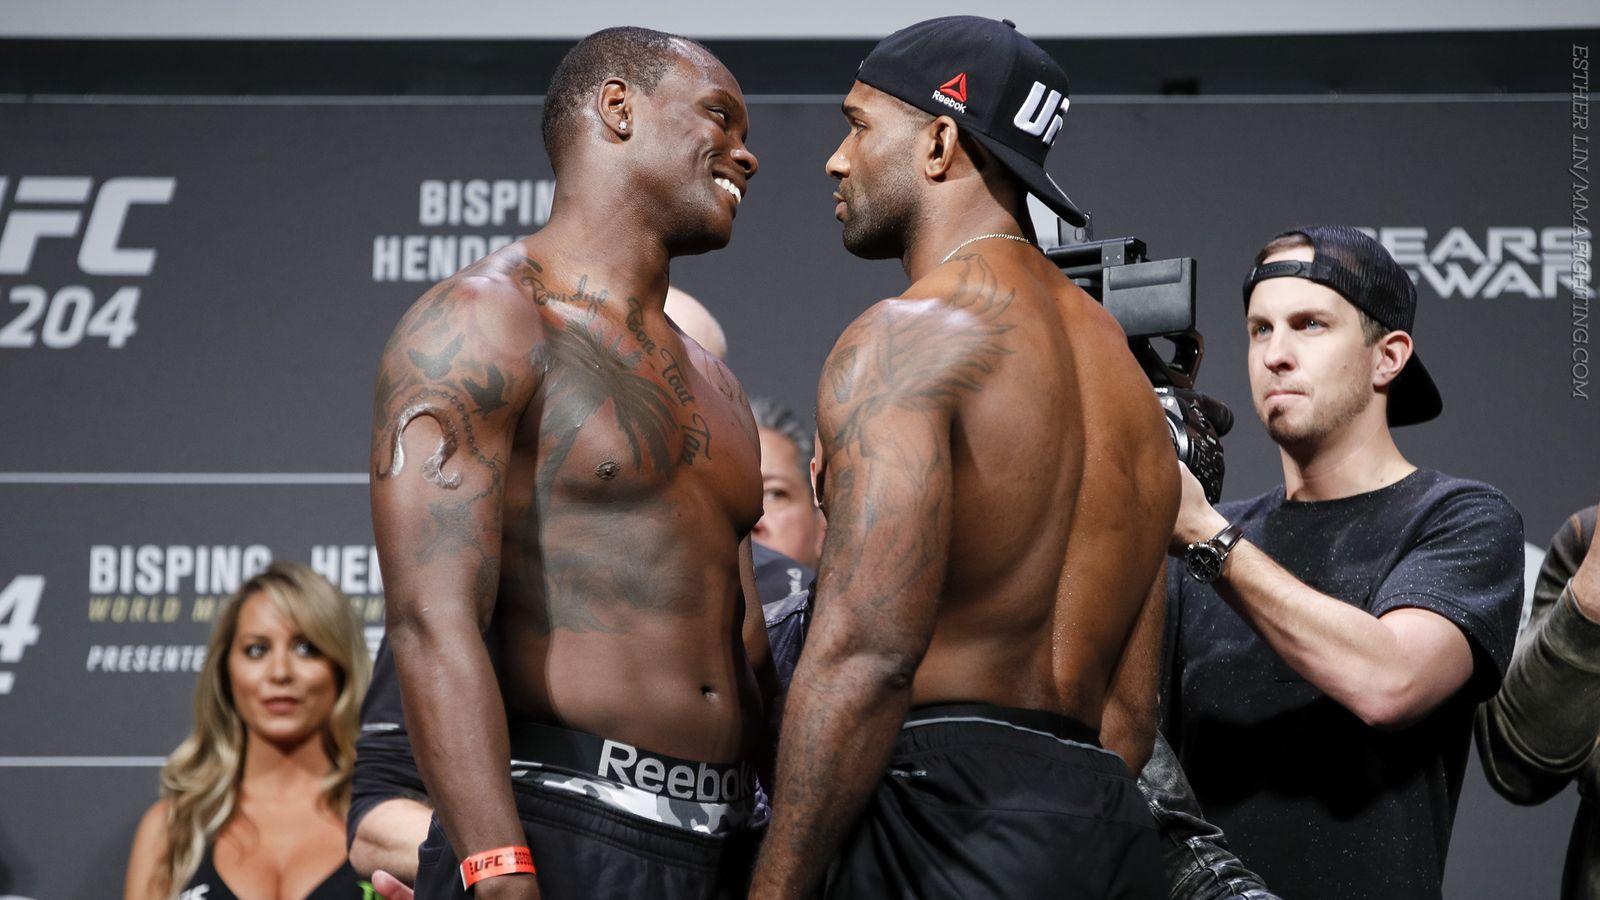 UFC 204 live blog: Ovince Saint Preux vs. Jimi Manuwa